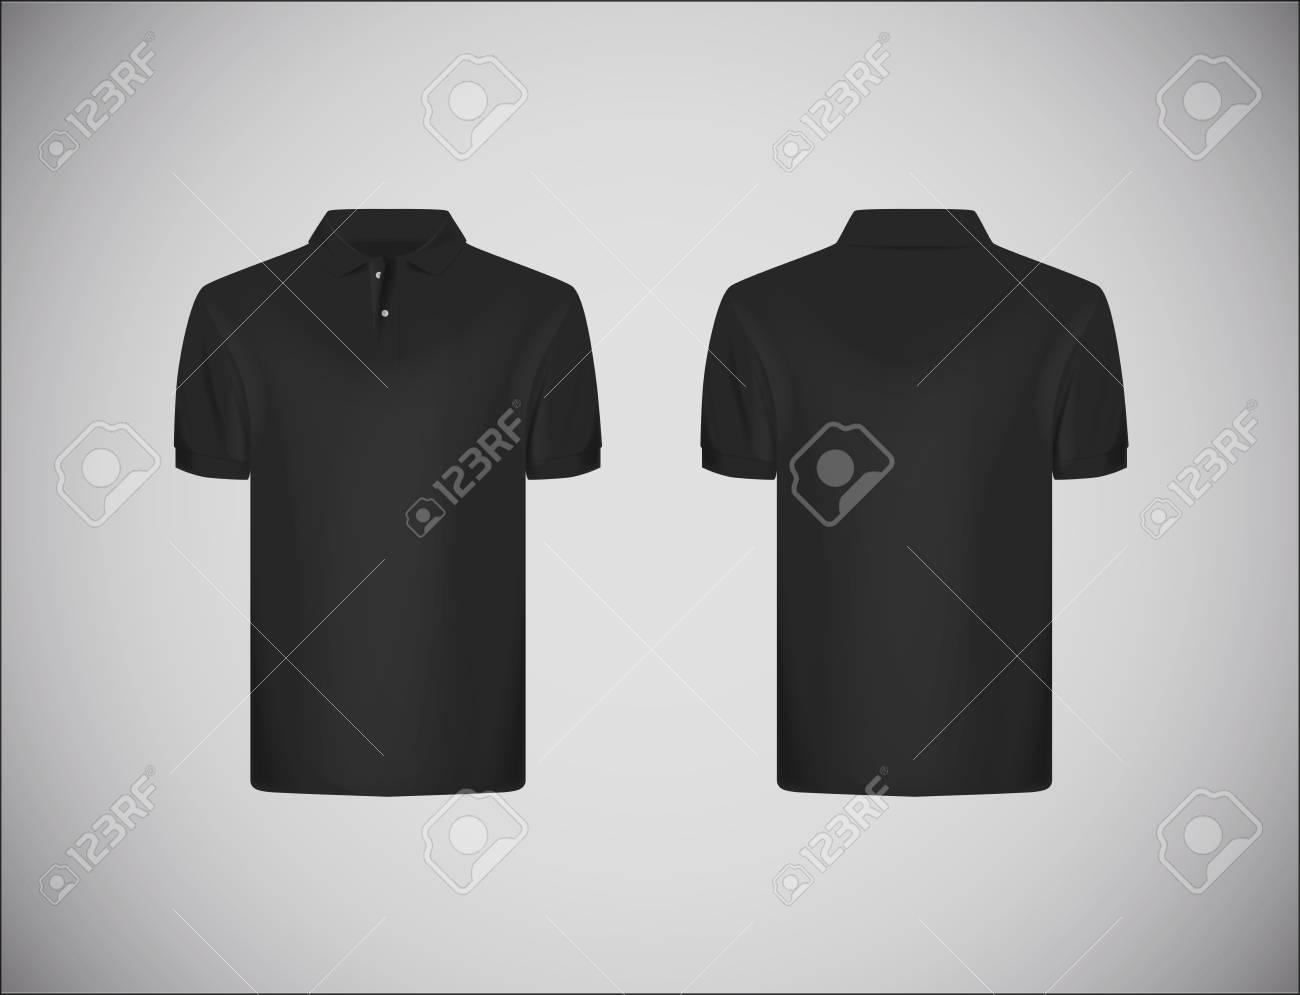 Men's slim-fitting short sleeve polo shirt. Black polo shirt mock-up design template for branding. - 125276218